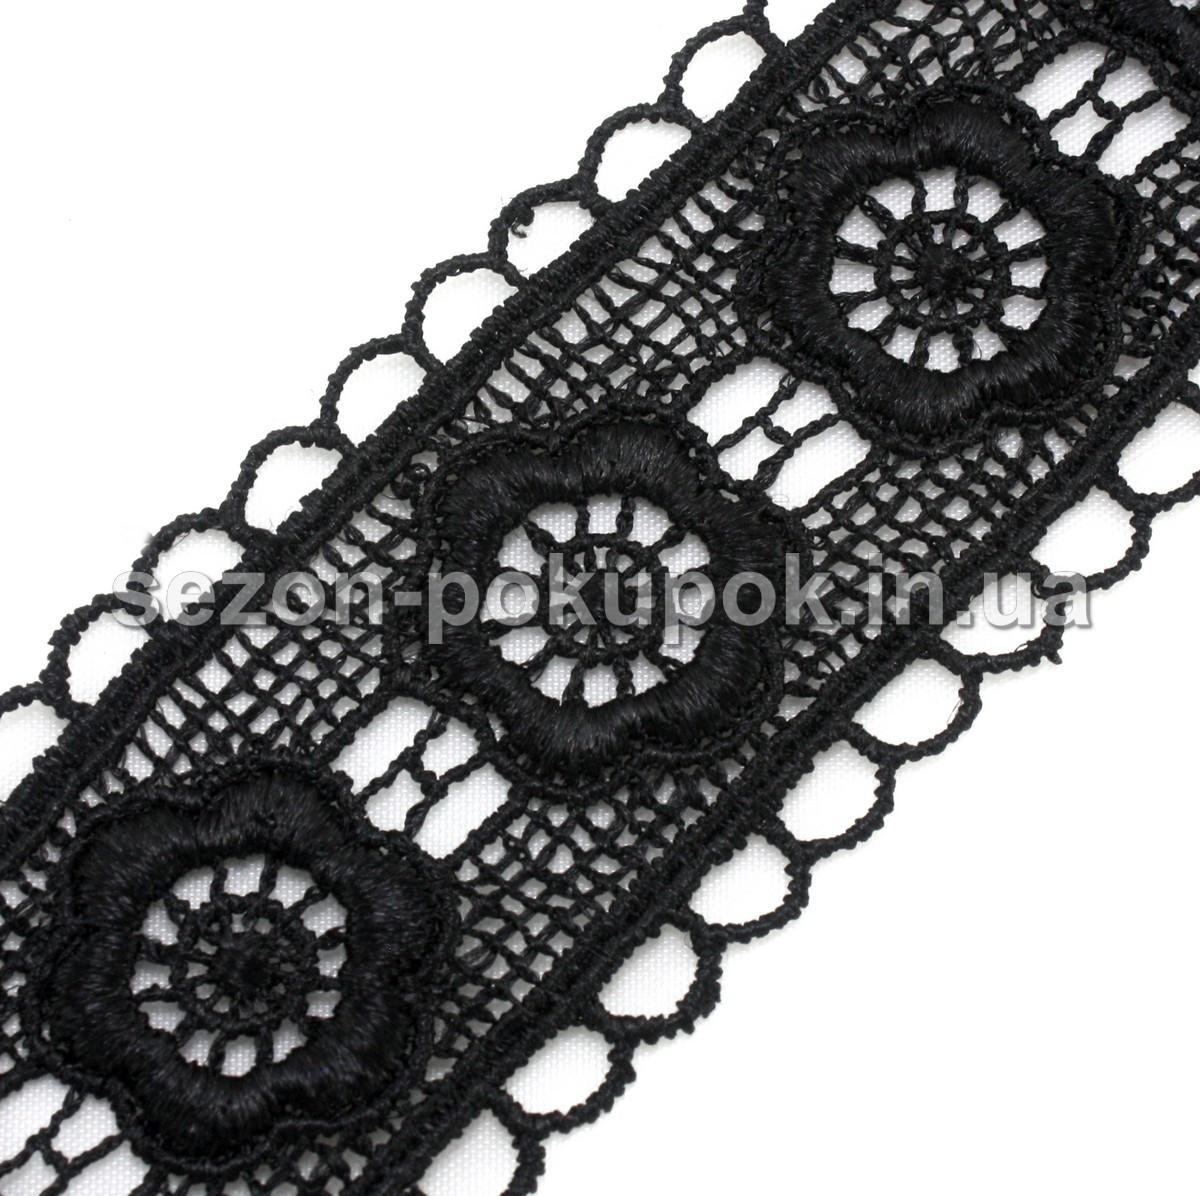 Кружево макраме с кордом Код 3338, ширина 3,3см (цена за 9,5ярдов).Цвет - черный